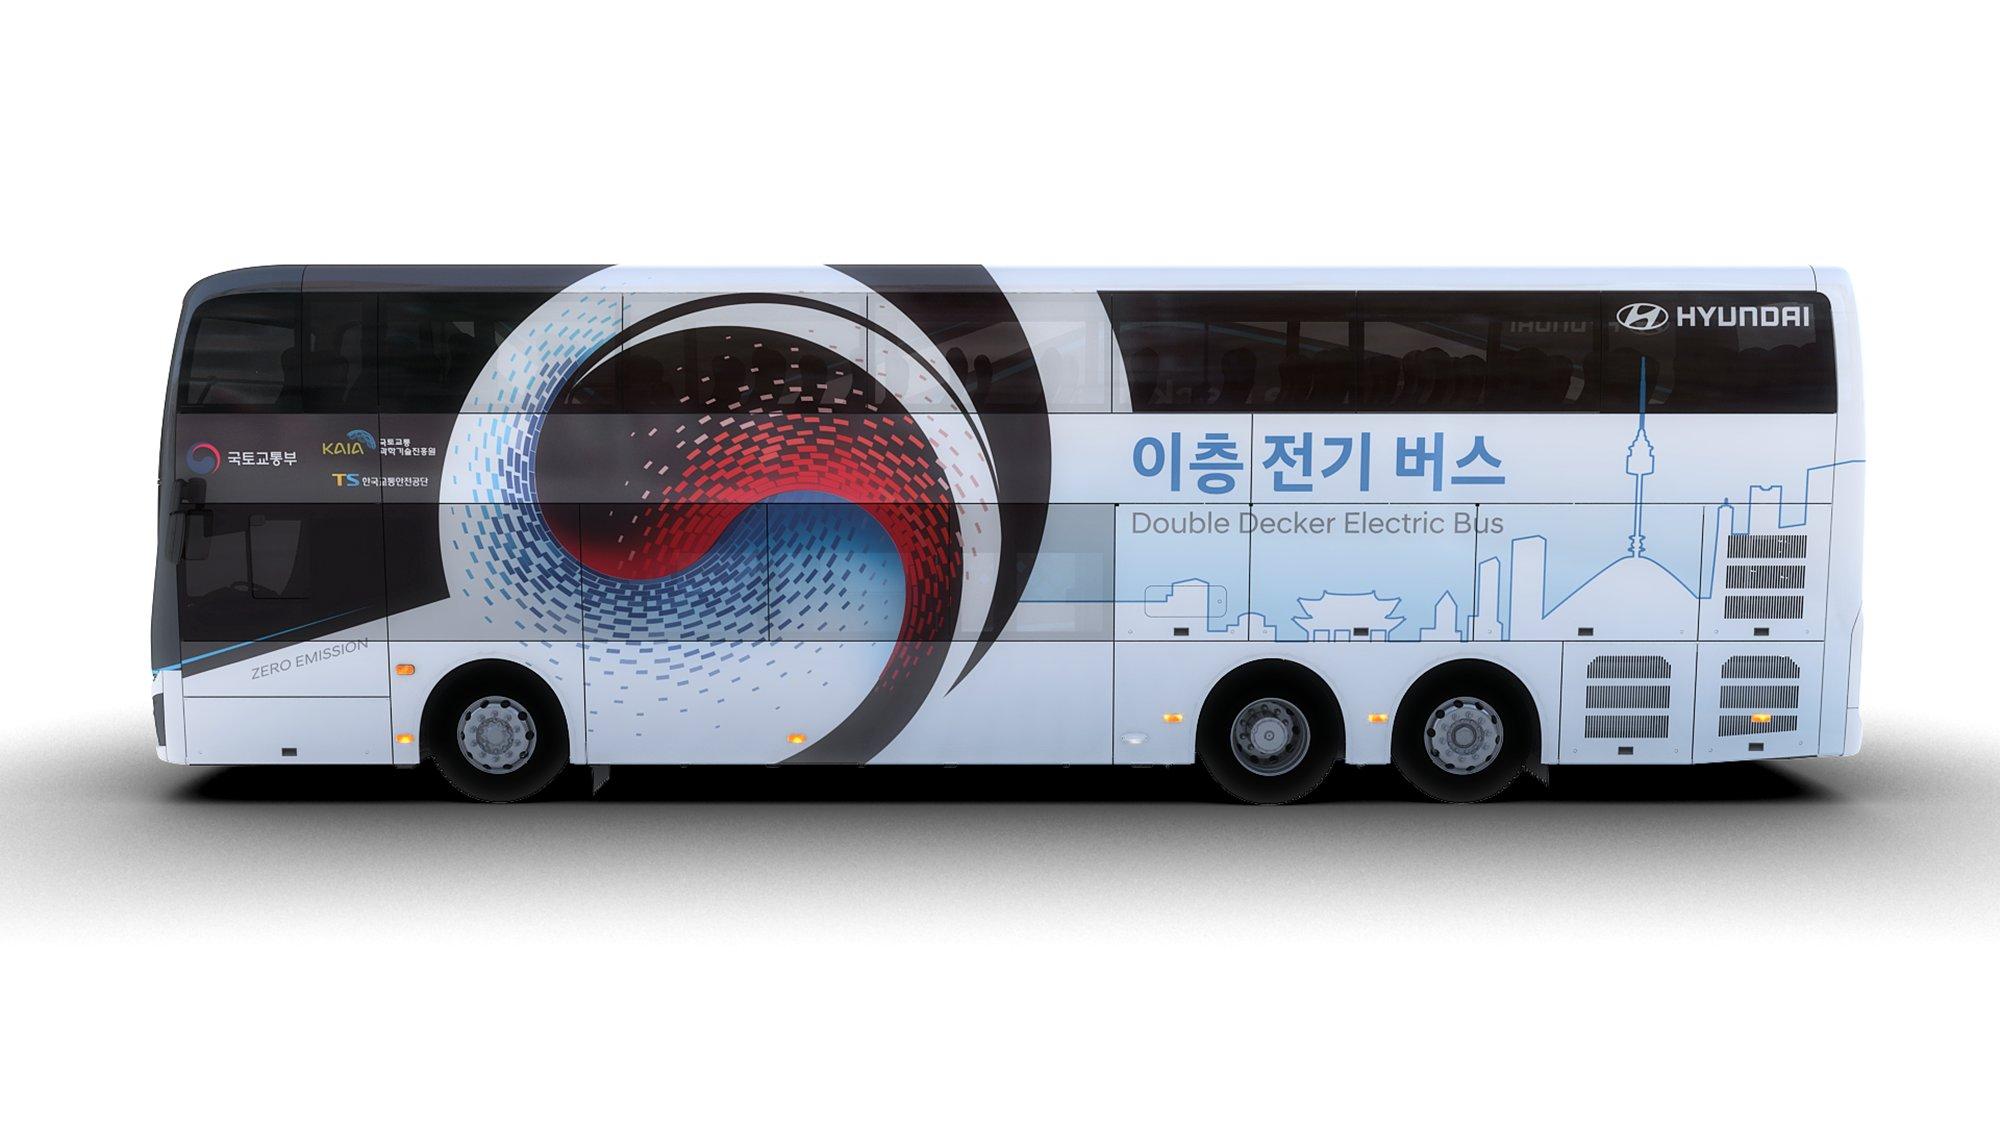 Hyundai представила двухэтажный электробус